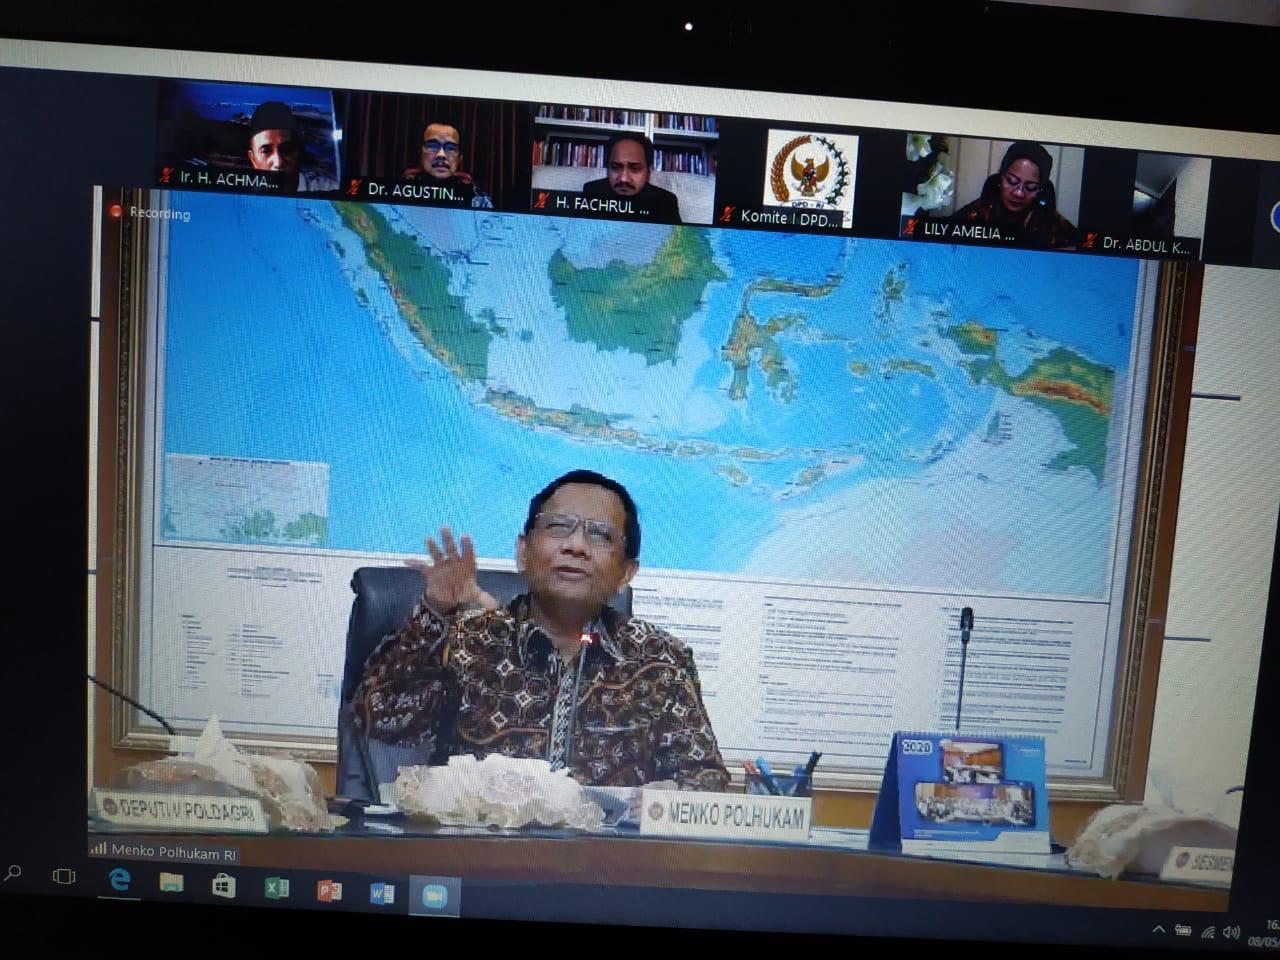 Rapat Kerja Online dengan Menko Polhukam, Senator Aceh Tolak Pemotongan Dana Otsus Aceh 1,4 Triliun